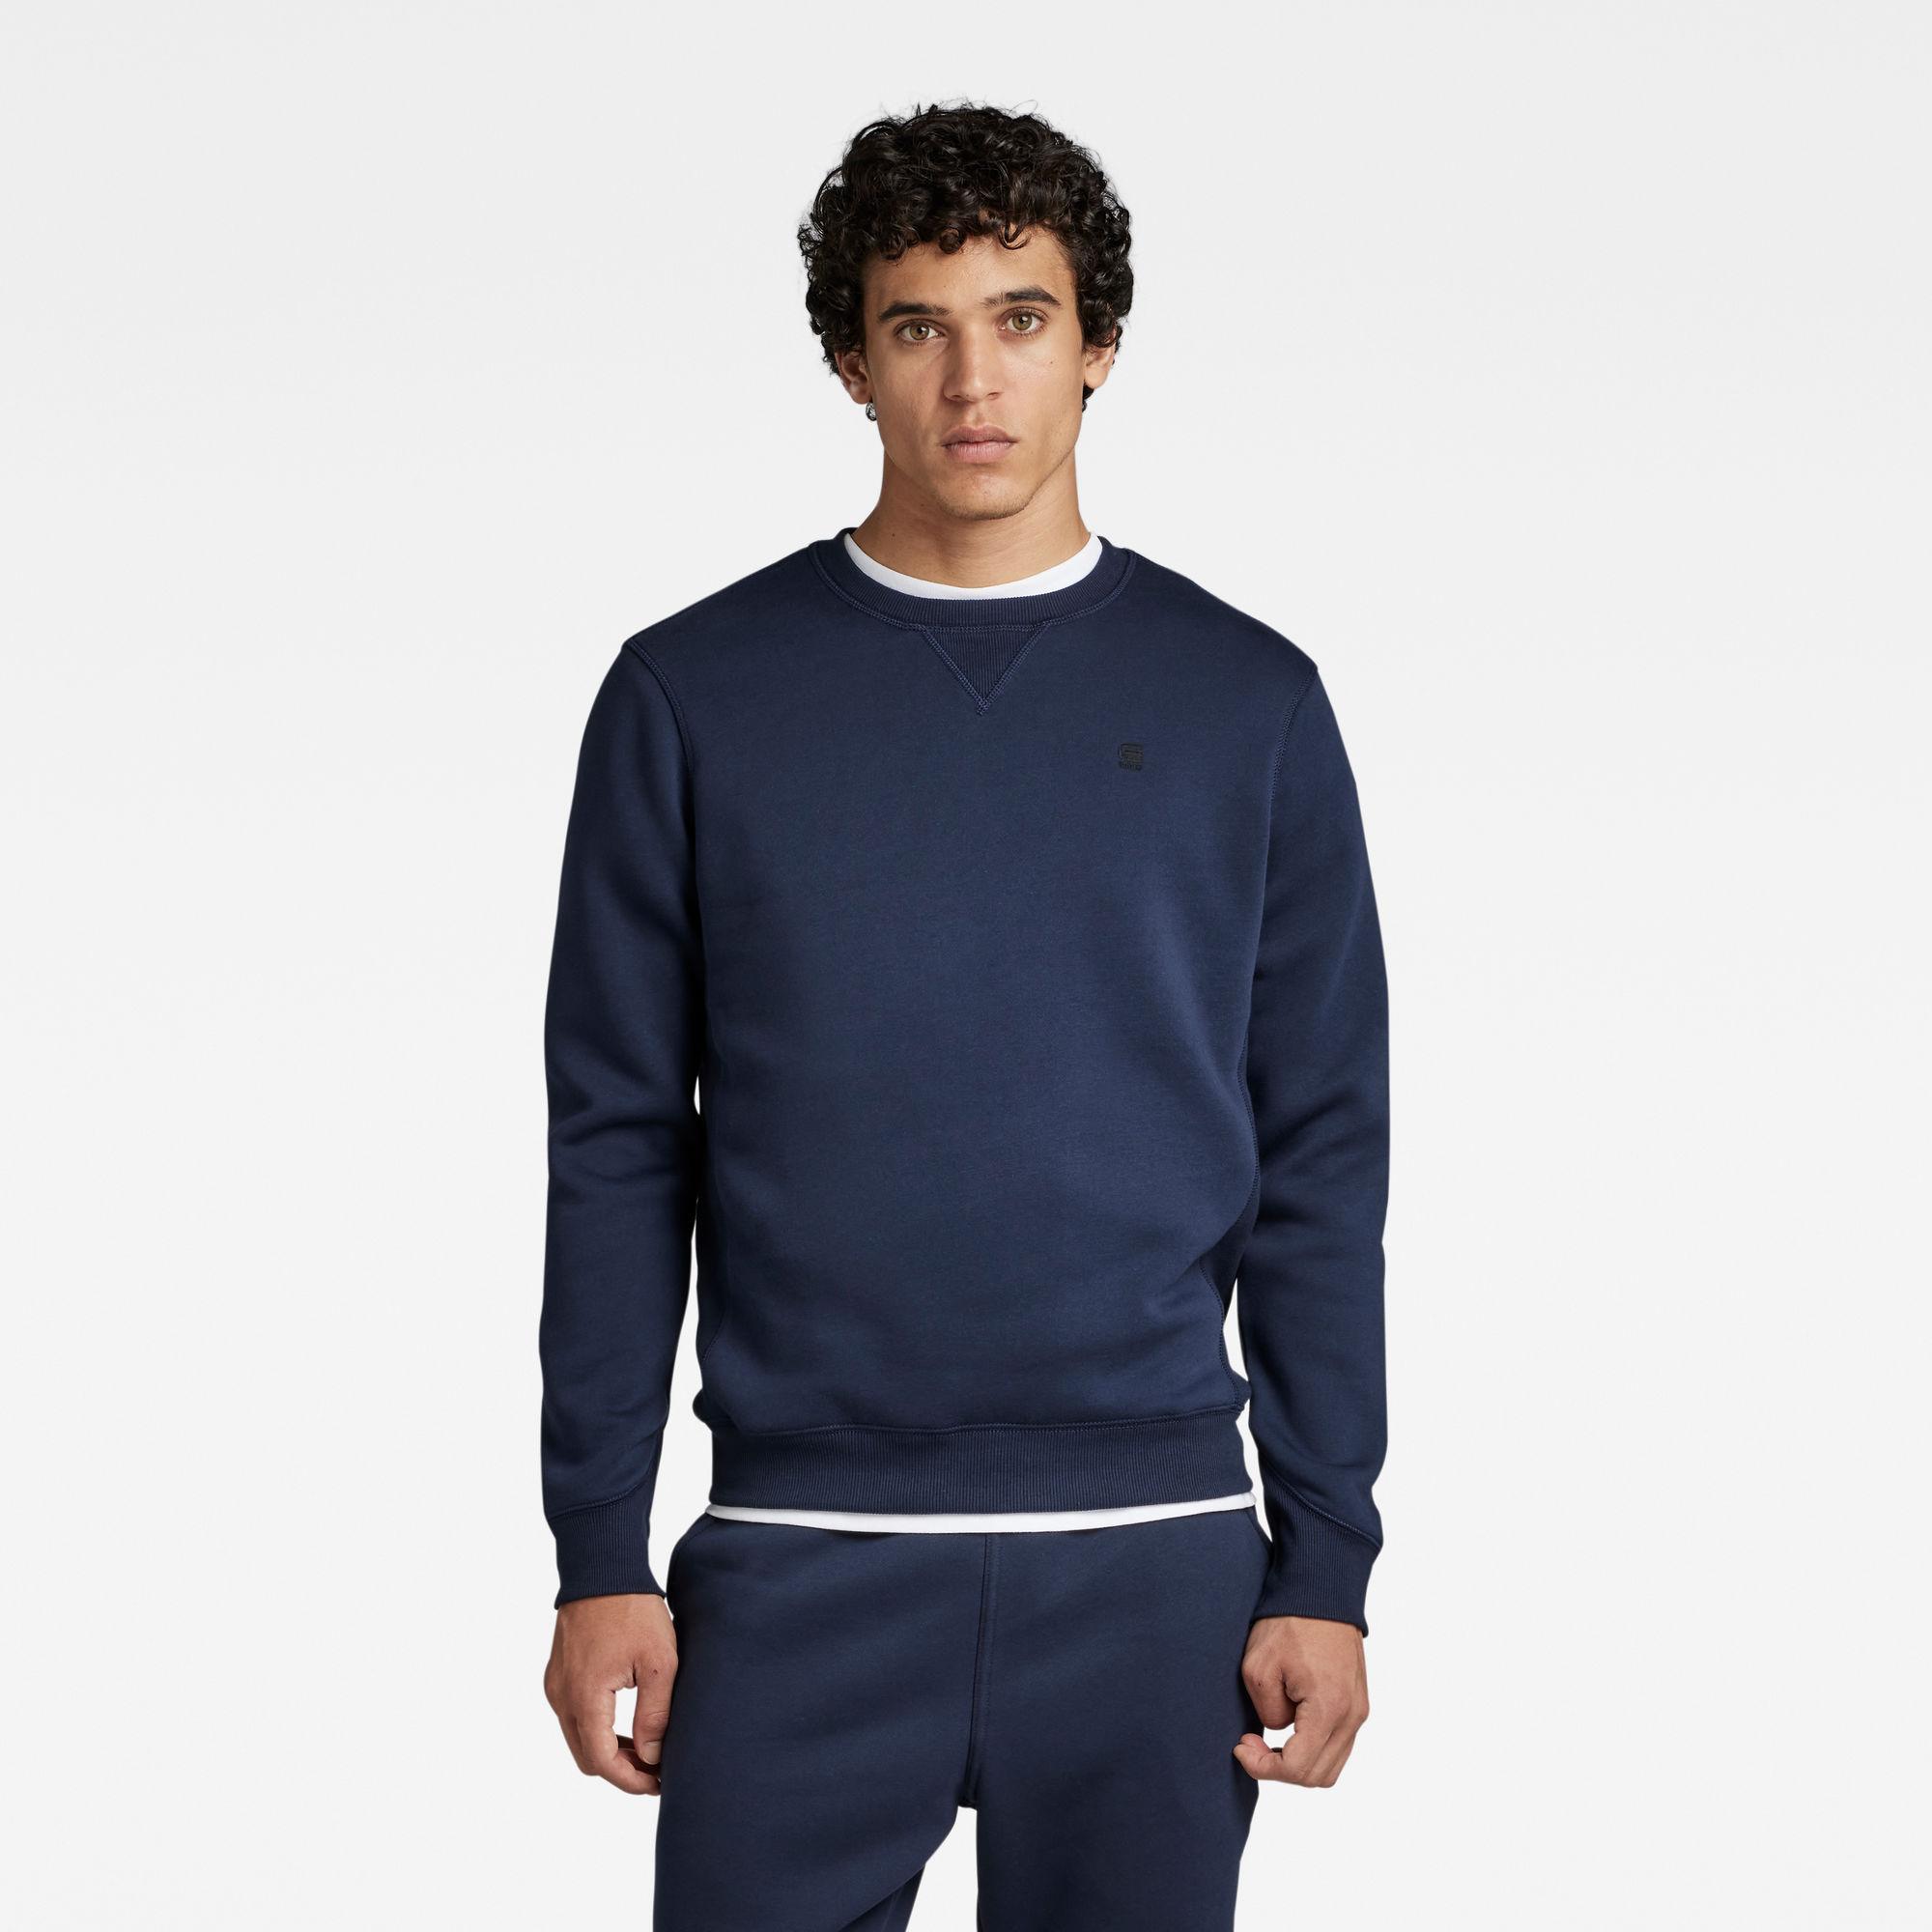 G-Star RAW Heren Premium Core Sweater Donkerblauw